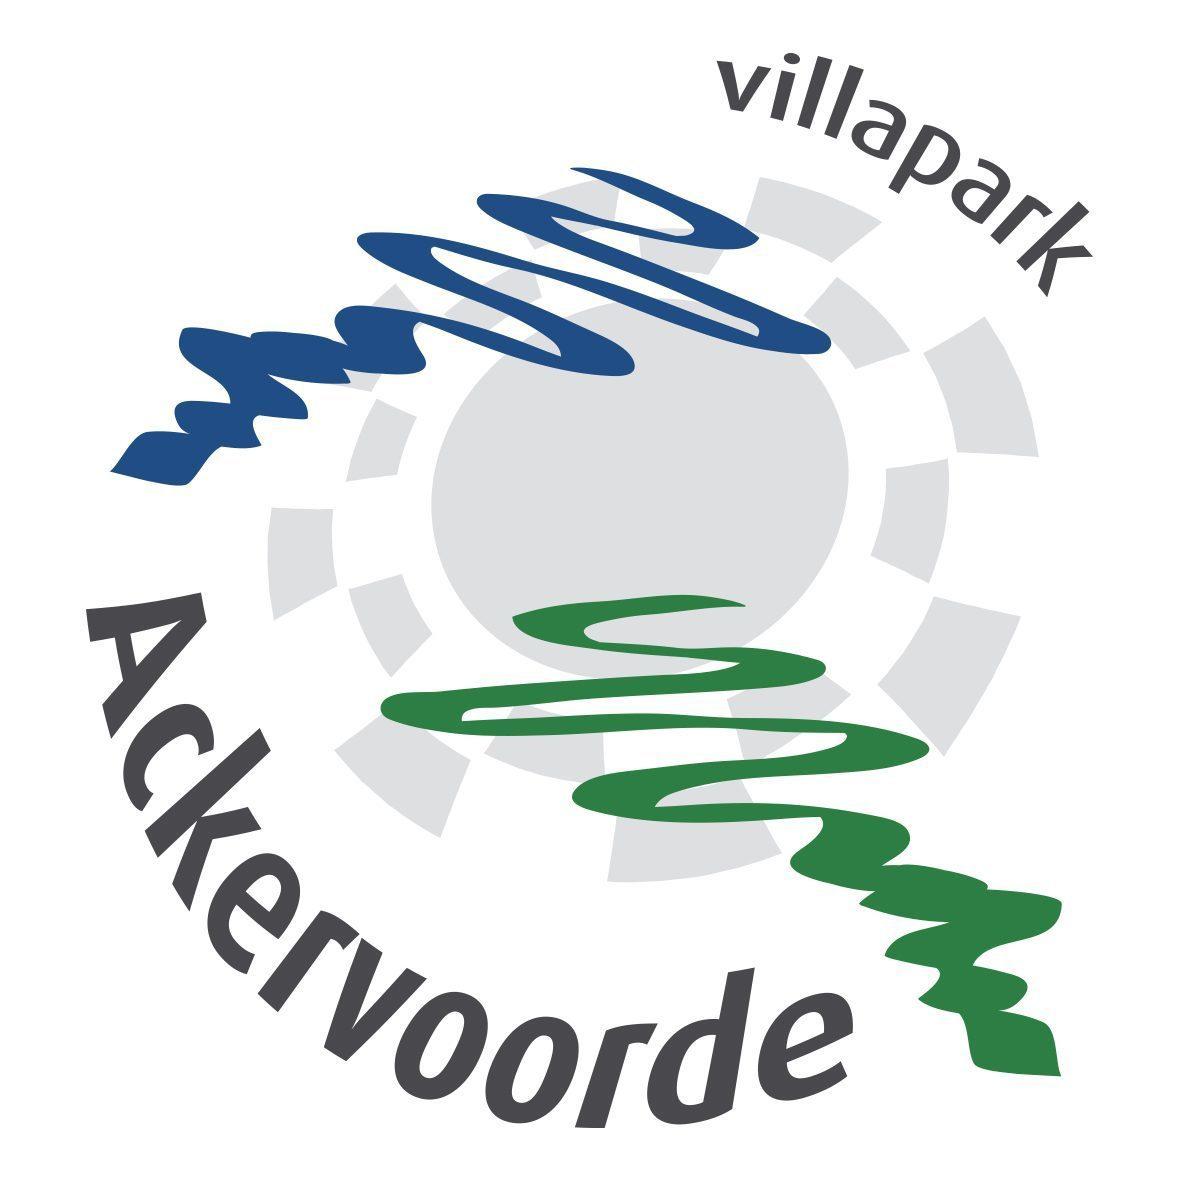 Logo Ackervoorde